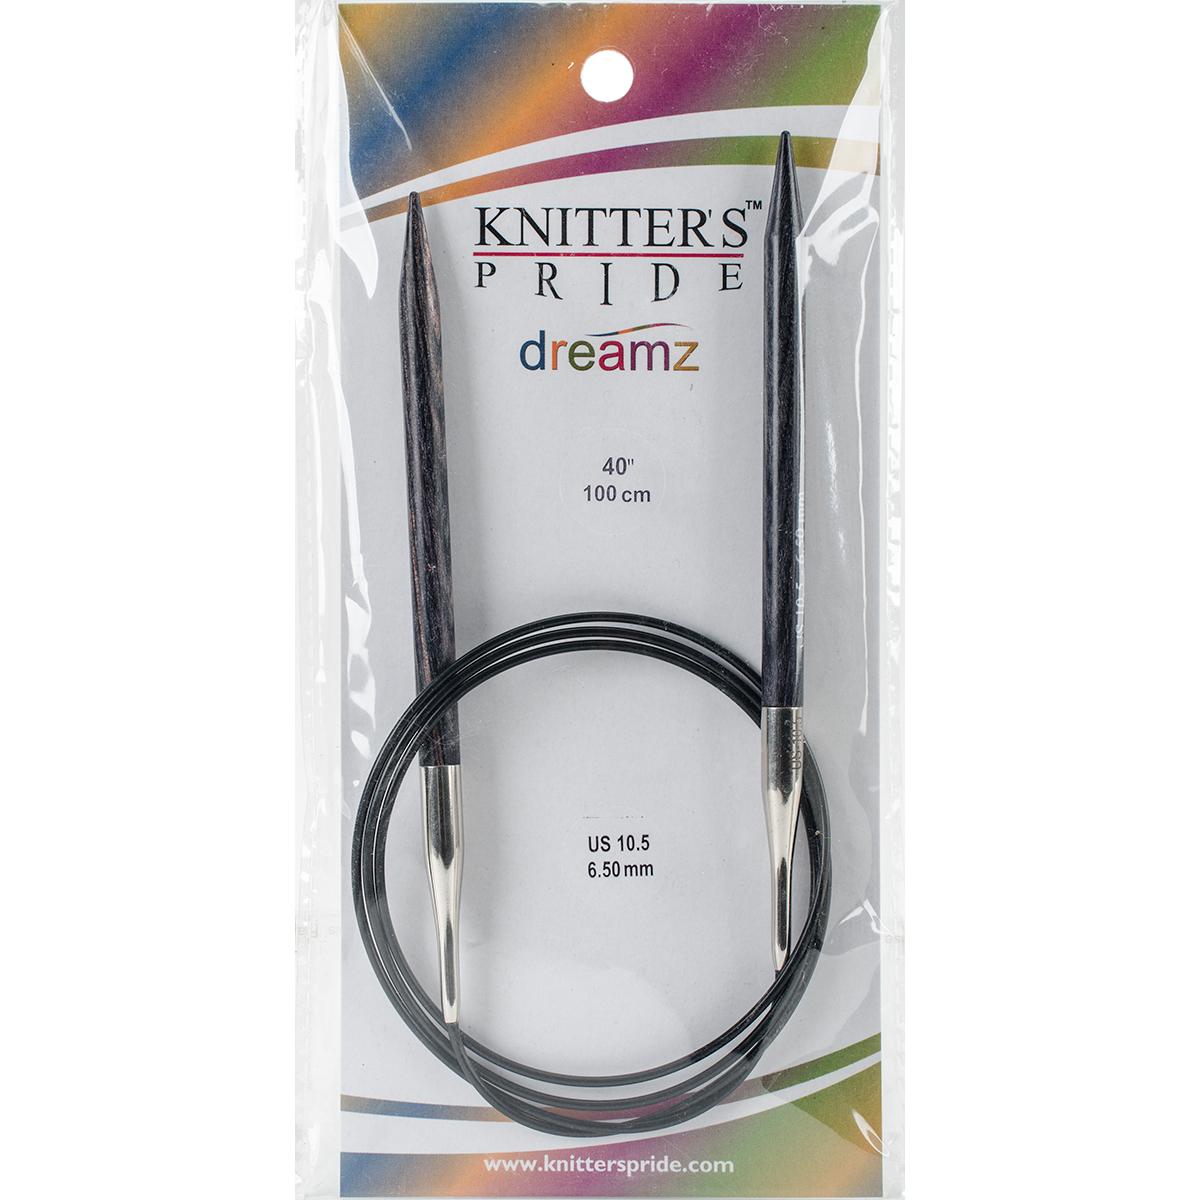 Kpride Dreamz 40 US 10.5